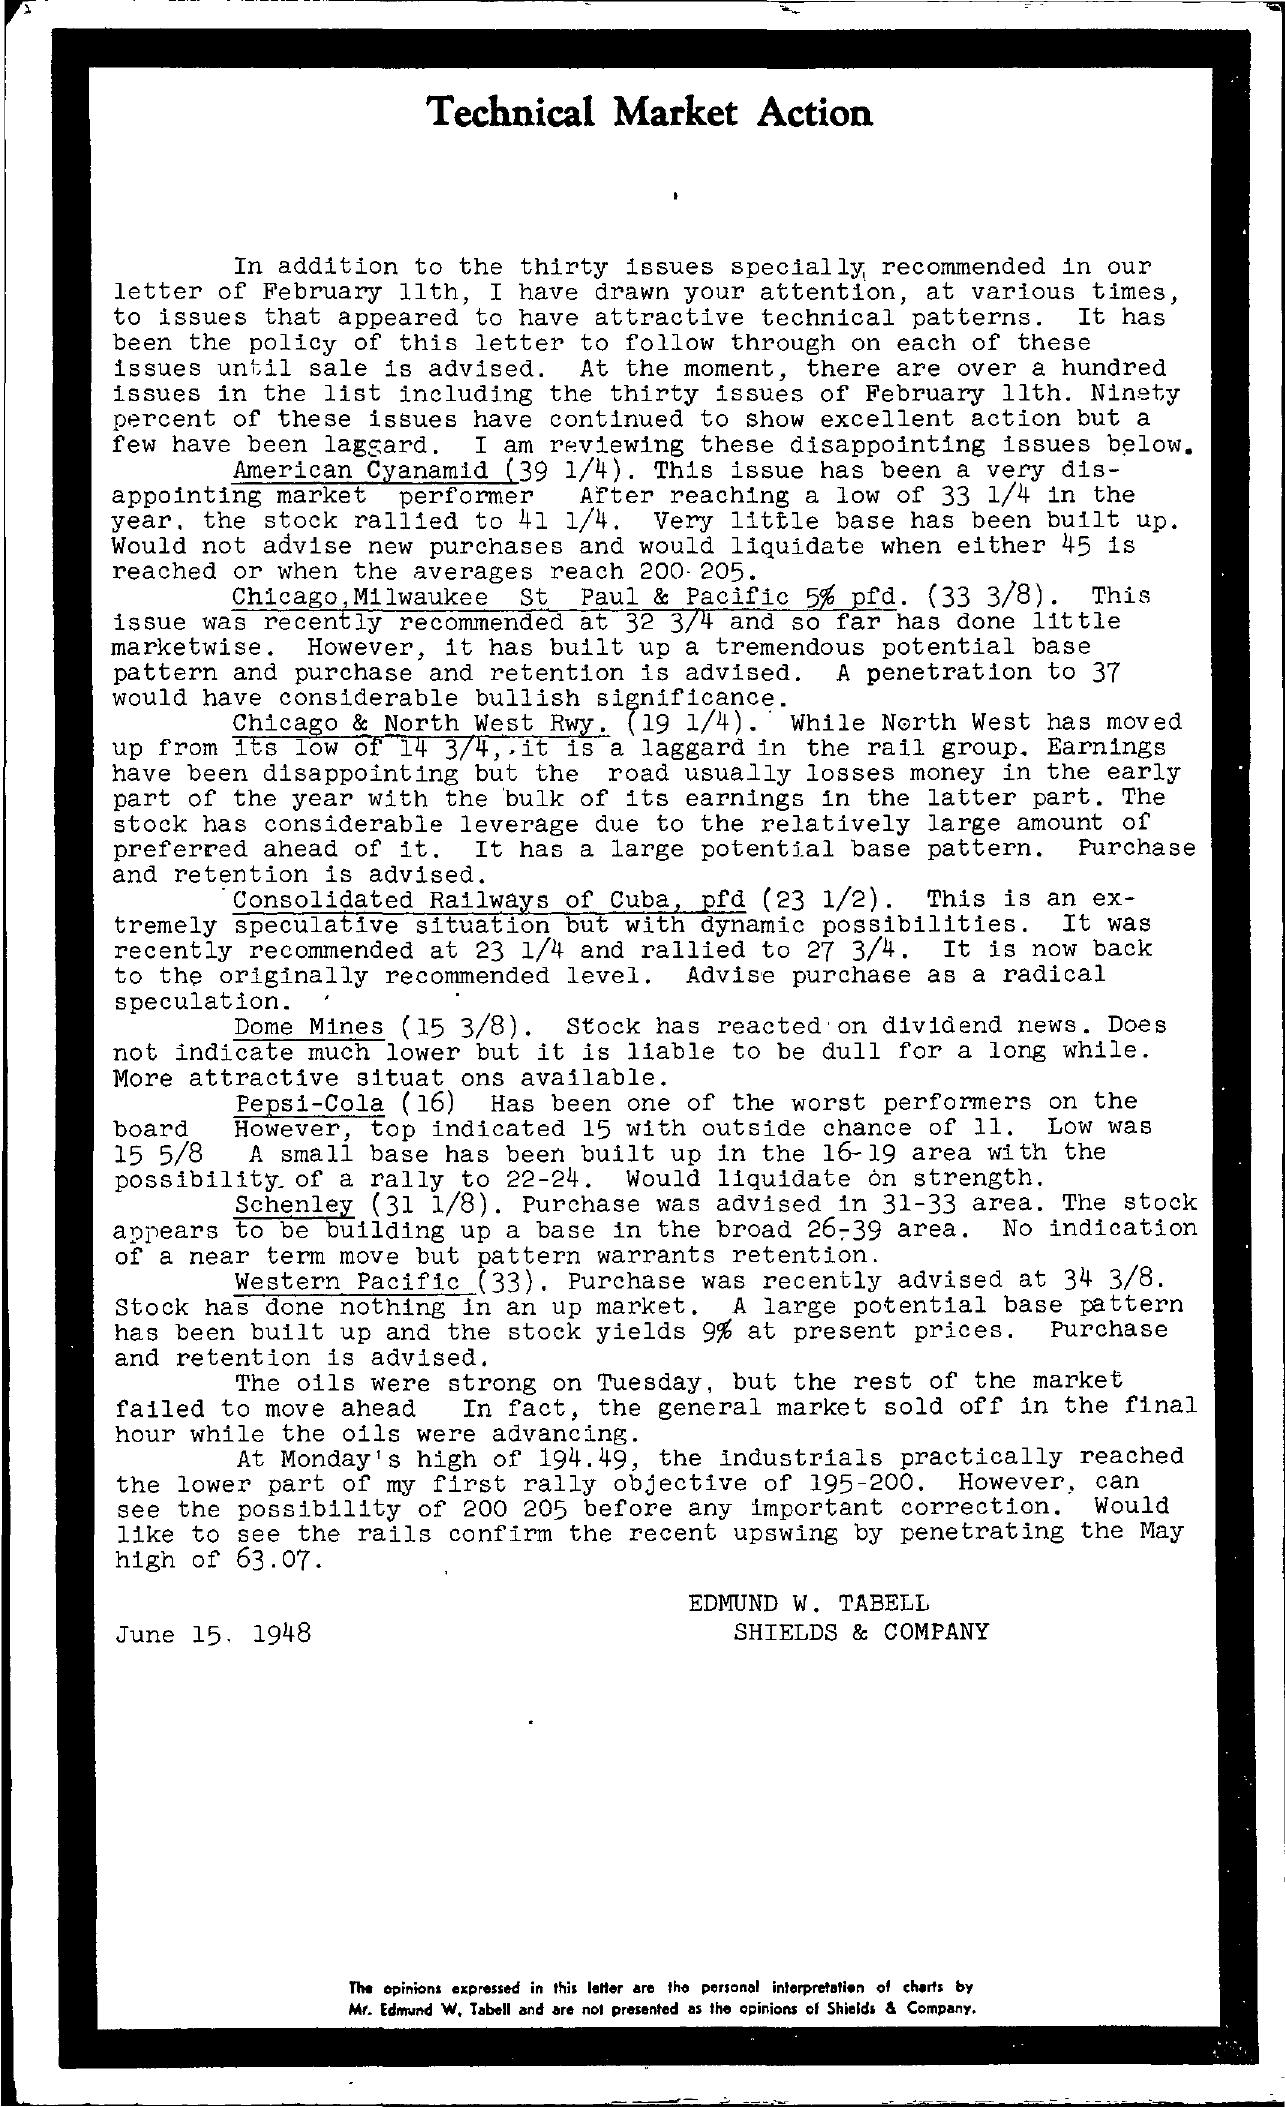 Tabell's Market Letter - June 15, 1948